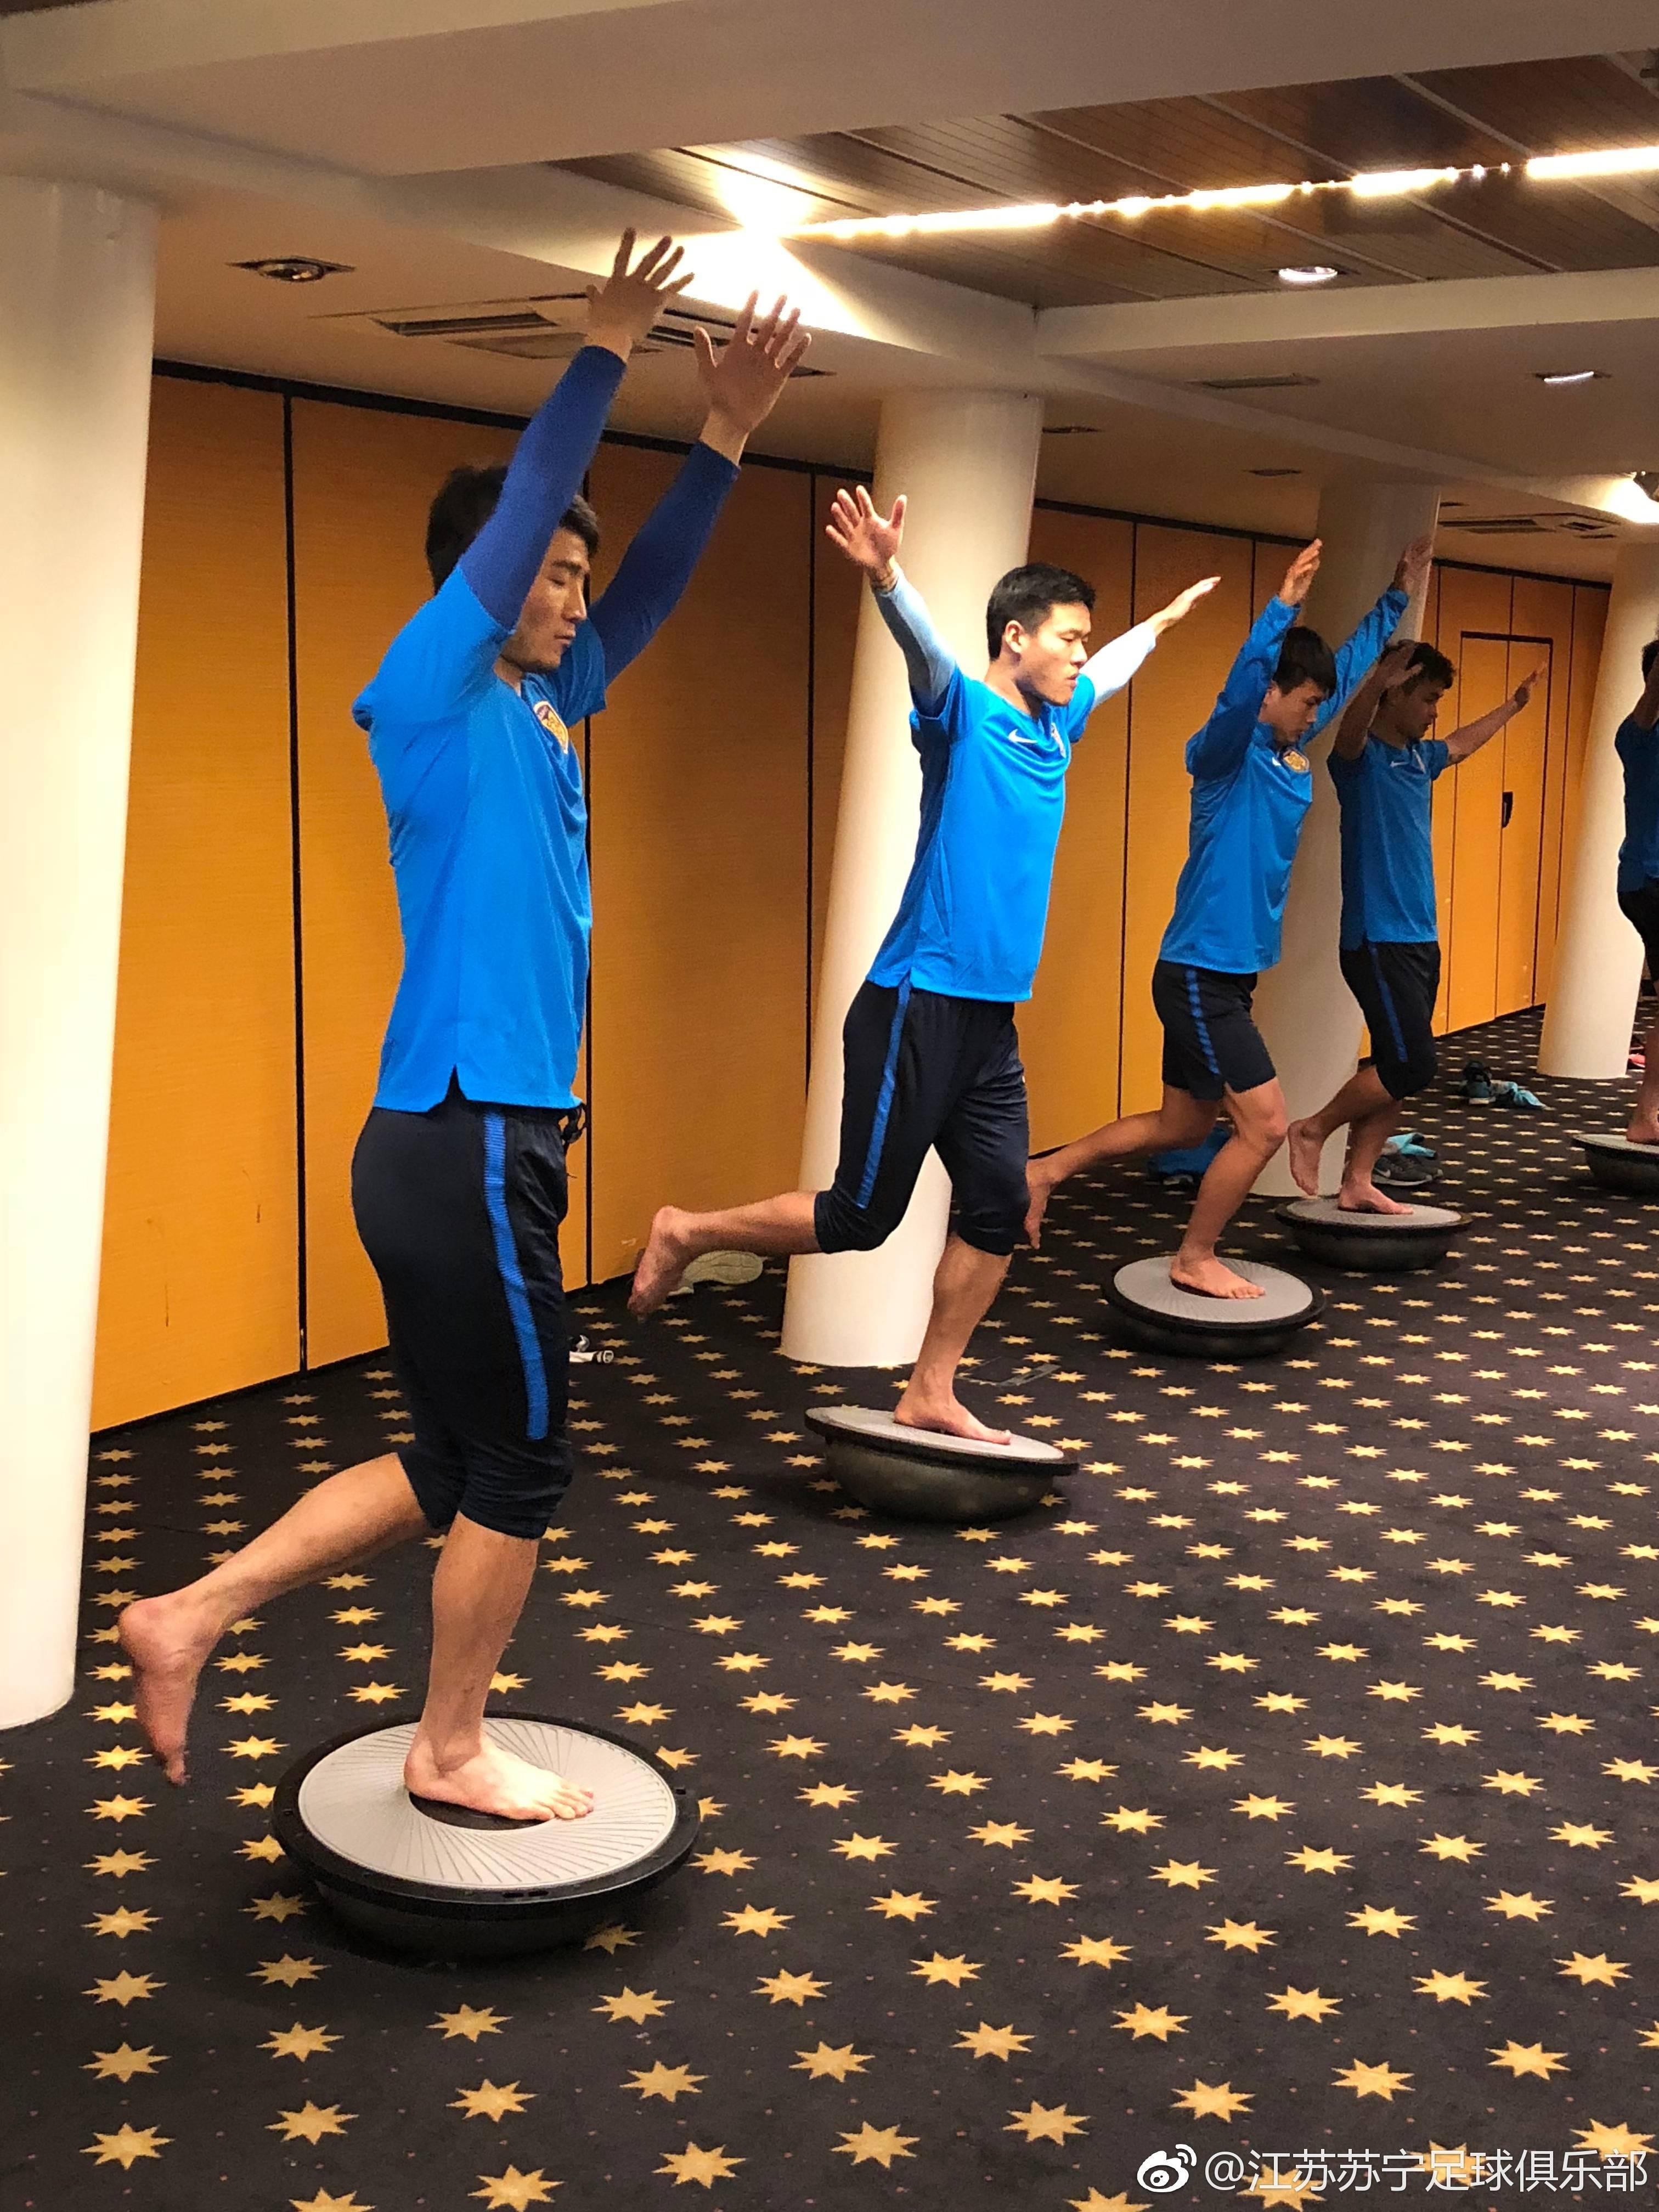 图集:苏宁冬训一日两练,球队总监马萨拉现身训练场